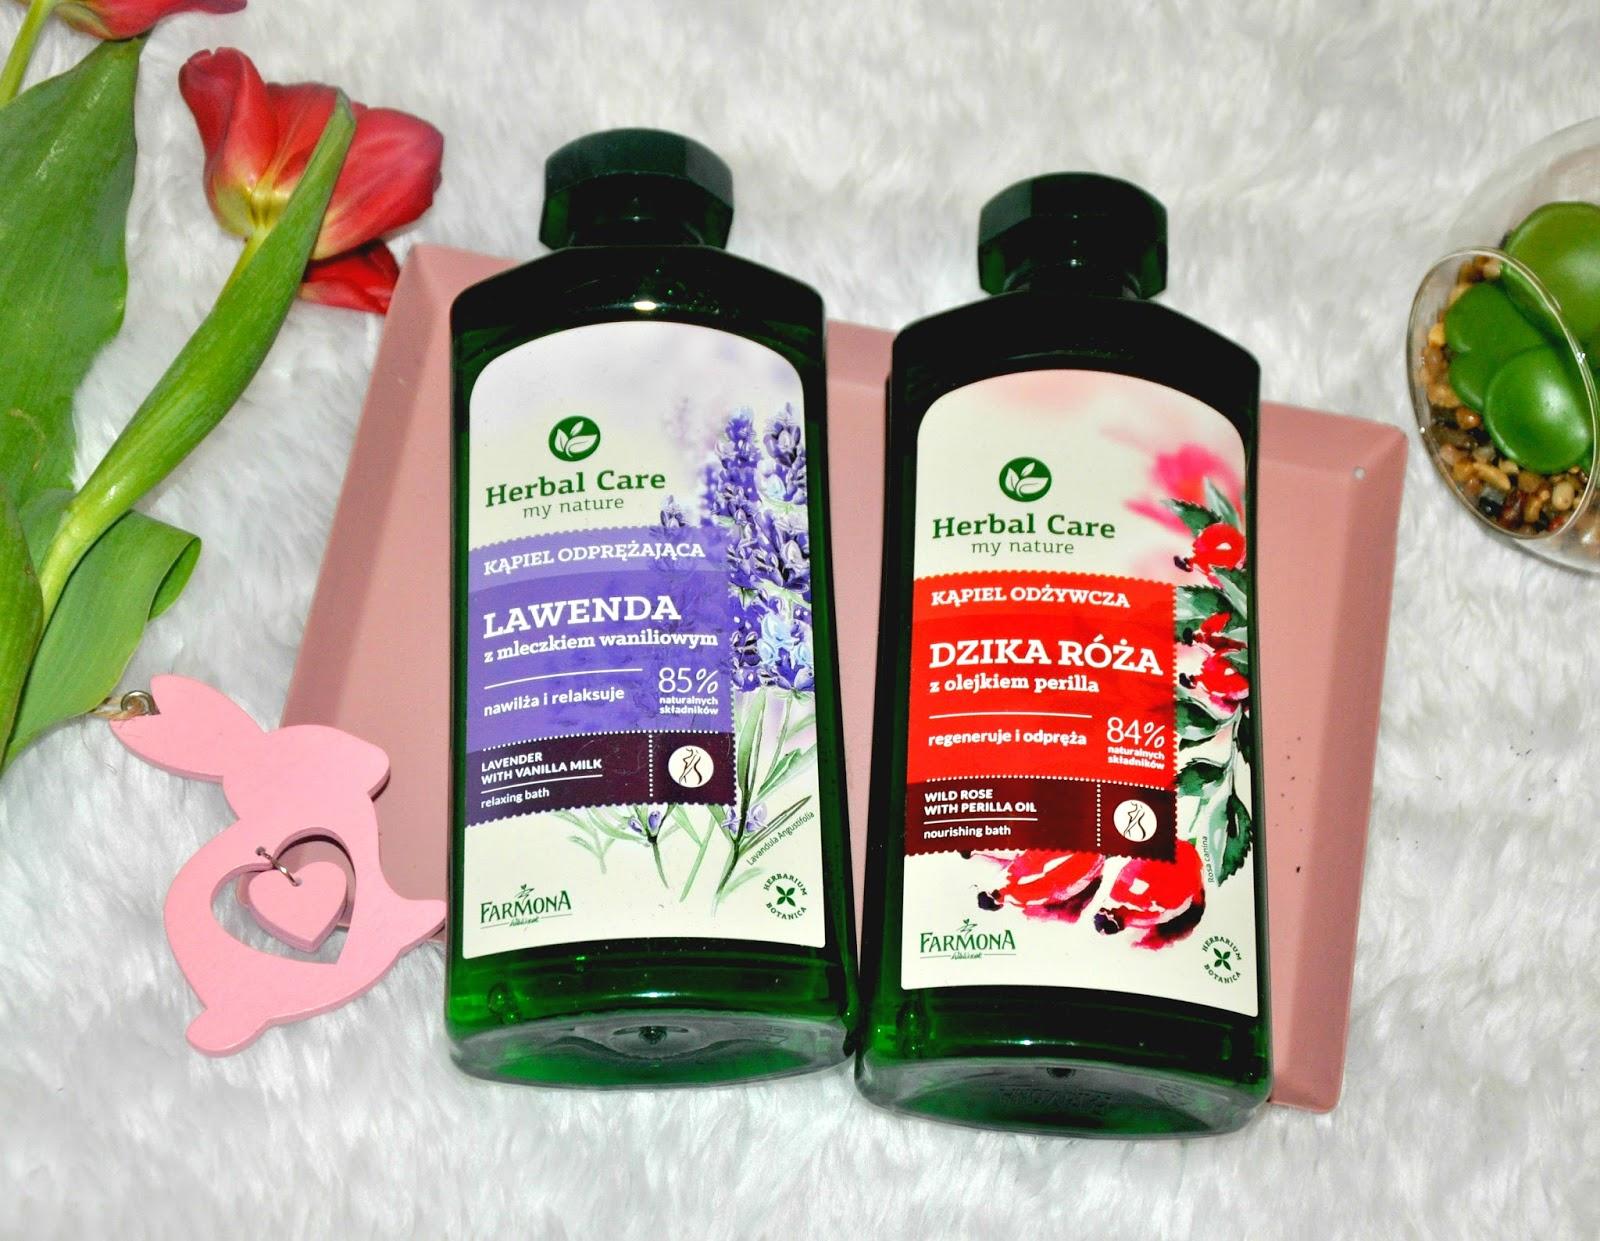 Kąpiel odżywcza Dzika róża z olejkiem Perilla - oczyszcza  - wygładza - nawilża - relaksuje  Produkt doskonale oczyszcza, wygładza, delikatnie ale zarazem dogłębnie nawilża, a także przywraca spokój i wewnętrzna równowagę.  Składniki aktywne :  - ekstrakt z dzikiej róży bogaty w witaminę C, intensywnie rewitalizuje i zmiękcza skórę, - olejek perilla, - mleczko owsiane odżywia, wyraźnie wygładza i pielęgnuje skórę, - d-pantenol nawilża, koi i łagodzi podrażnienia.  Moja skóra domaga się solidnej dawki nawilżenia i muszę przyznać, że produkty całkiem nieźle sprostały jej wymaganiom. Produkt Farmony pielęgnuje skórę w czasie kąpieli, a po wytarciu ręcznikiem jeszcze przez długi czas sprawiają wrażenie doskonale wypielęgnowanej i odświeżonej. Jest przyjemna w dotyku i zauważalnie wygładzona. Po kąpieli nie odczuwam uczucia niedomycia. Wręcz przeciwnie ! Daje bardzo przyjemne poczucie świeżości i odprężenia.  Ma przyjemnie różany zapach, który jest dość długo wyczuwalny na skórze, co mi się bardzo podoba, mimo mojej antypatii do różanych zapachów, ten zasługuje na wielkie brawa. Jest to bardzo wydajny kosmetyk, z racji, że bardzo dobrze się pieni to wystarczy niewielka ilość aby dokładnie oczyścić skórę. Ma idealną, nie za rzadką i nie za gęstą formułę.